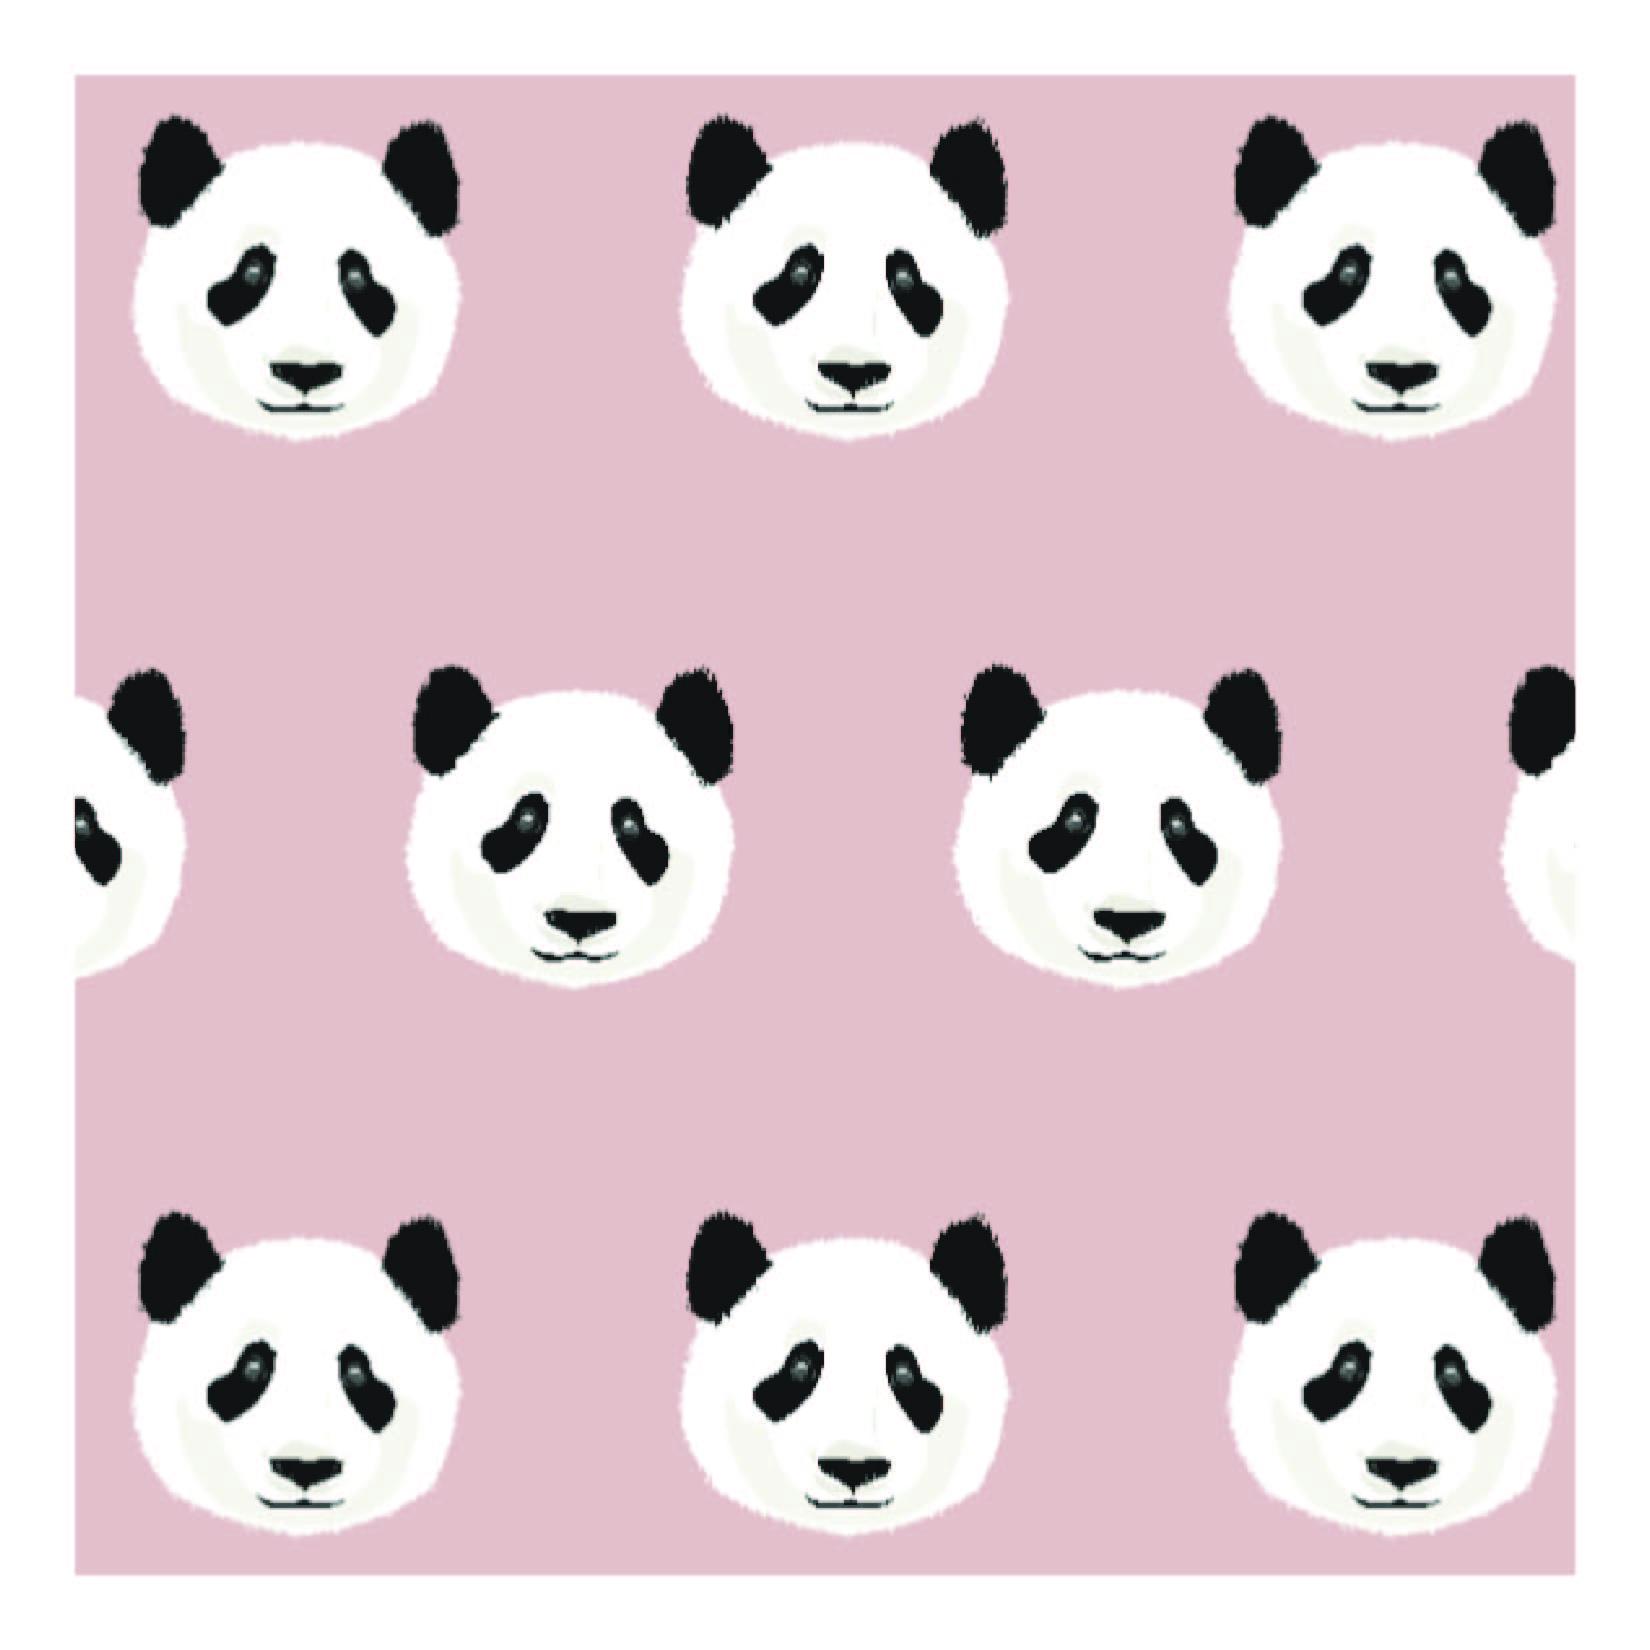 panda sample-01.jpg